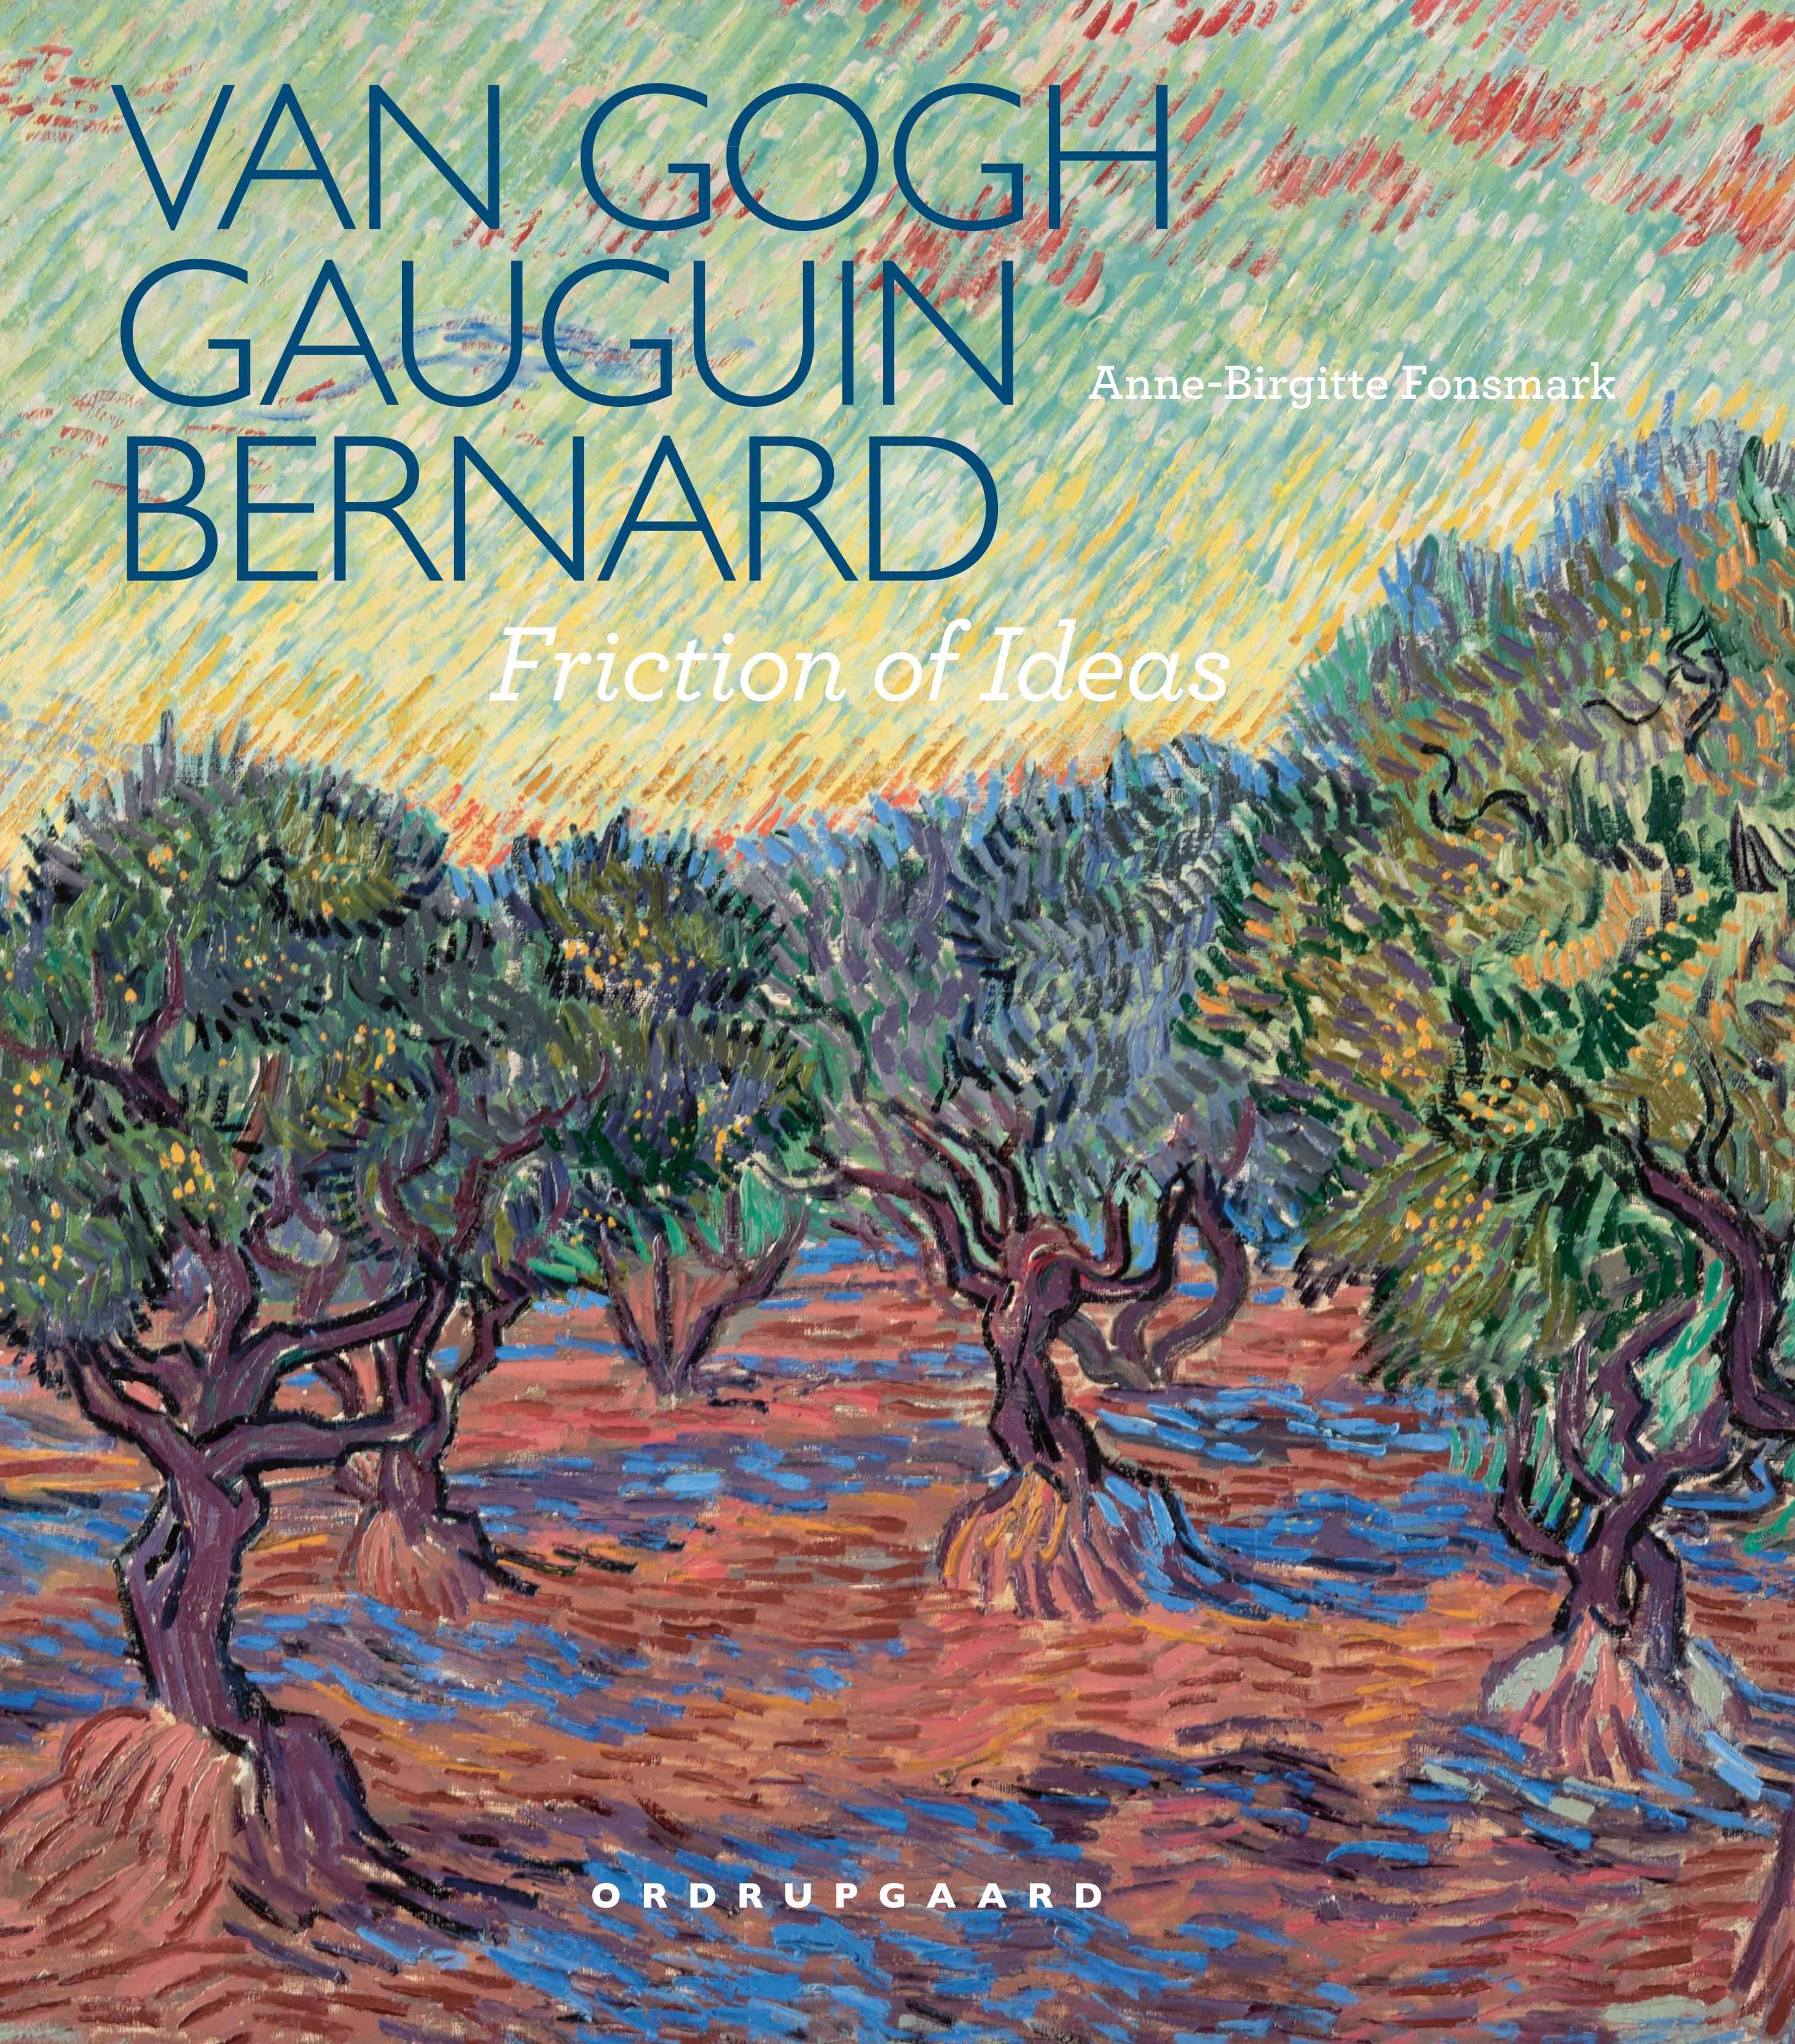 Van Gogh, Gauguin, Bernard. Friction of Ideas